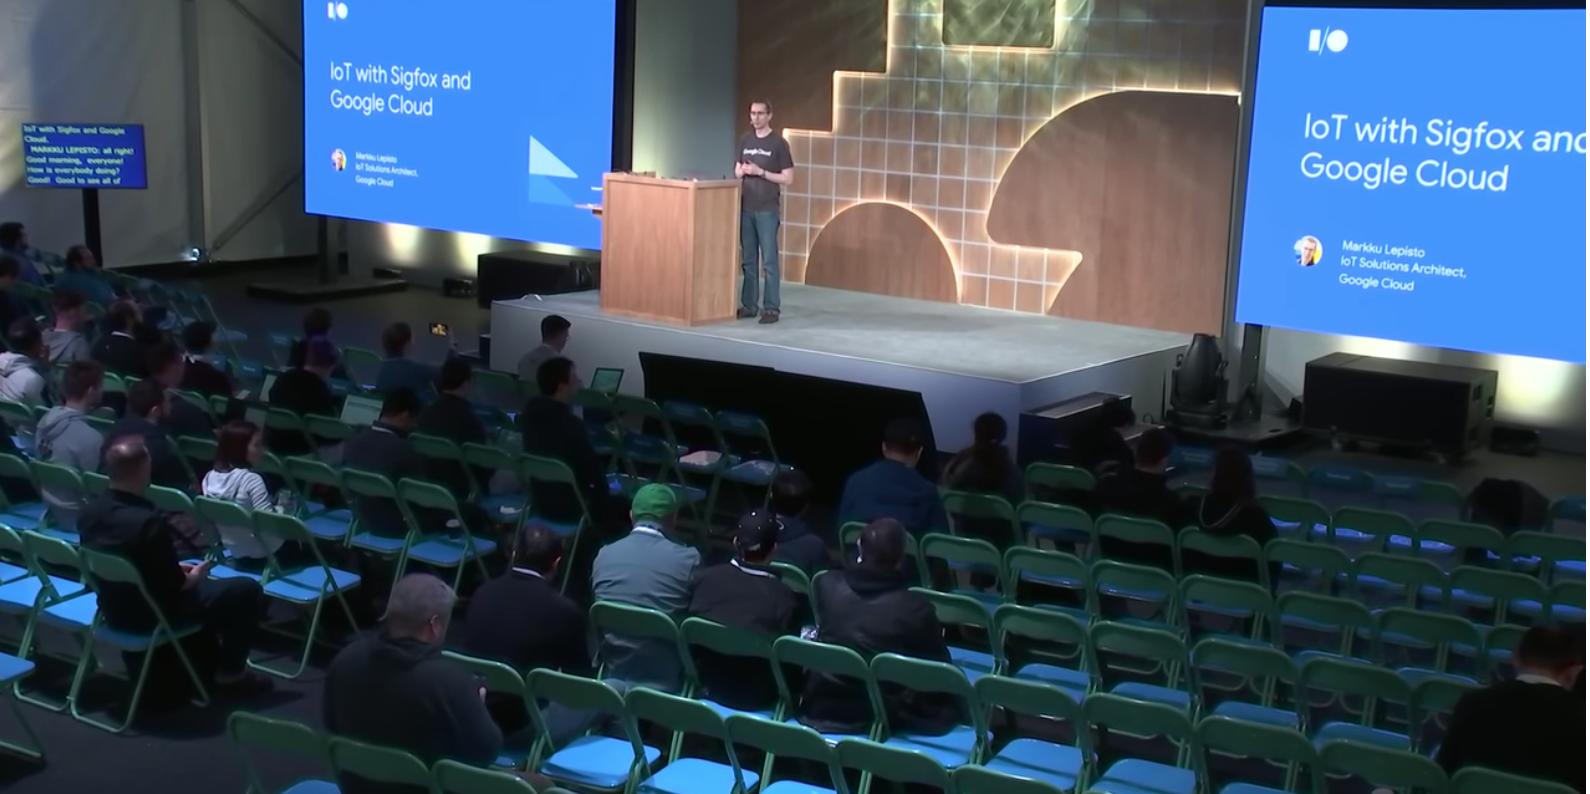 VIDEO / Conozca la nueva integración del IoT Sigfox con Google Cloud (Google I/O'19)